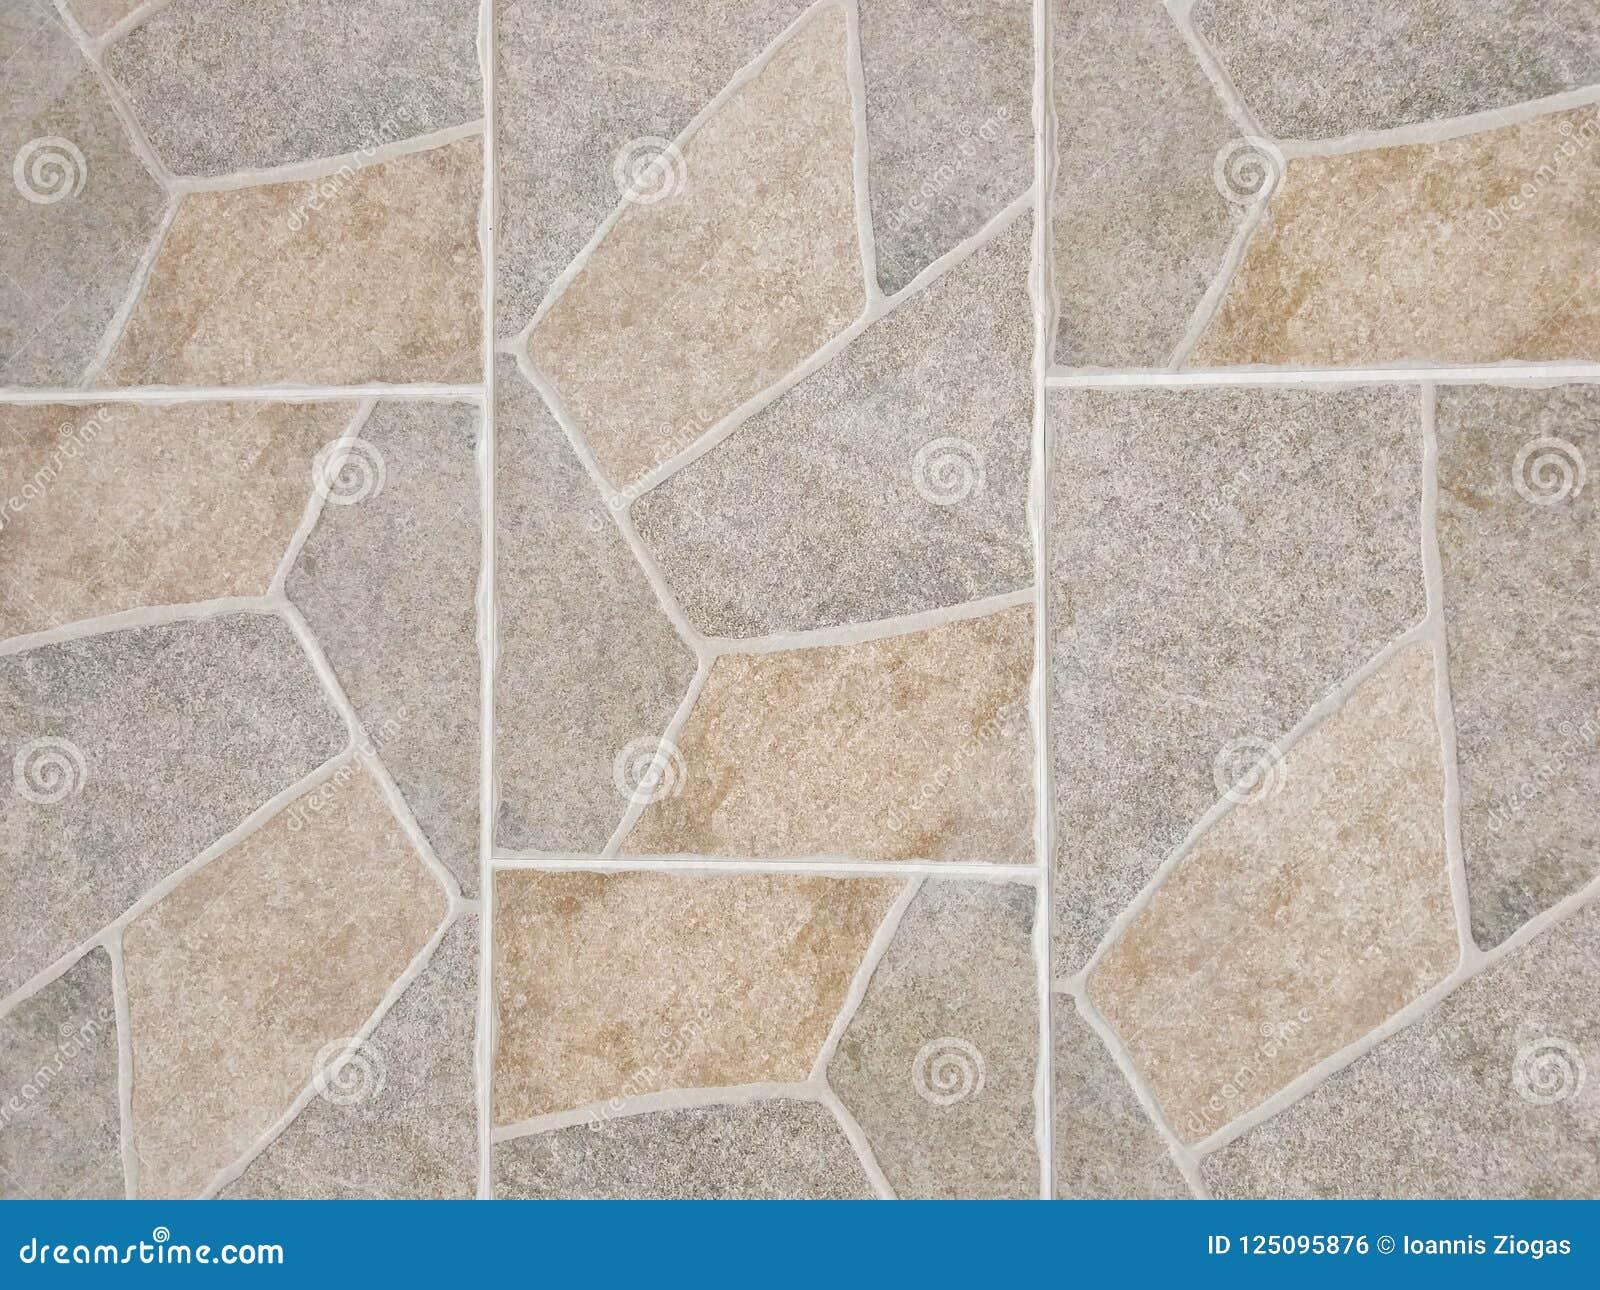 Floor Tiles Texture Backround